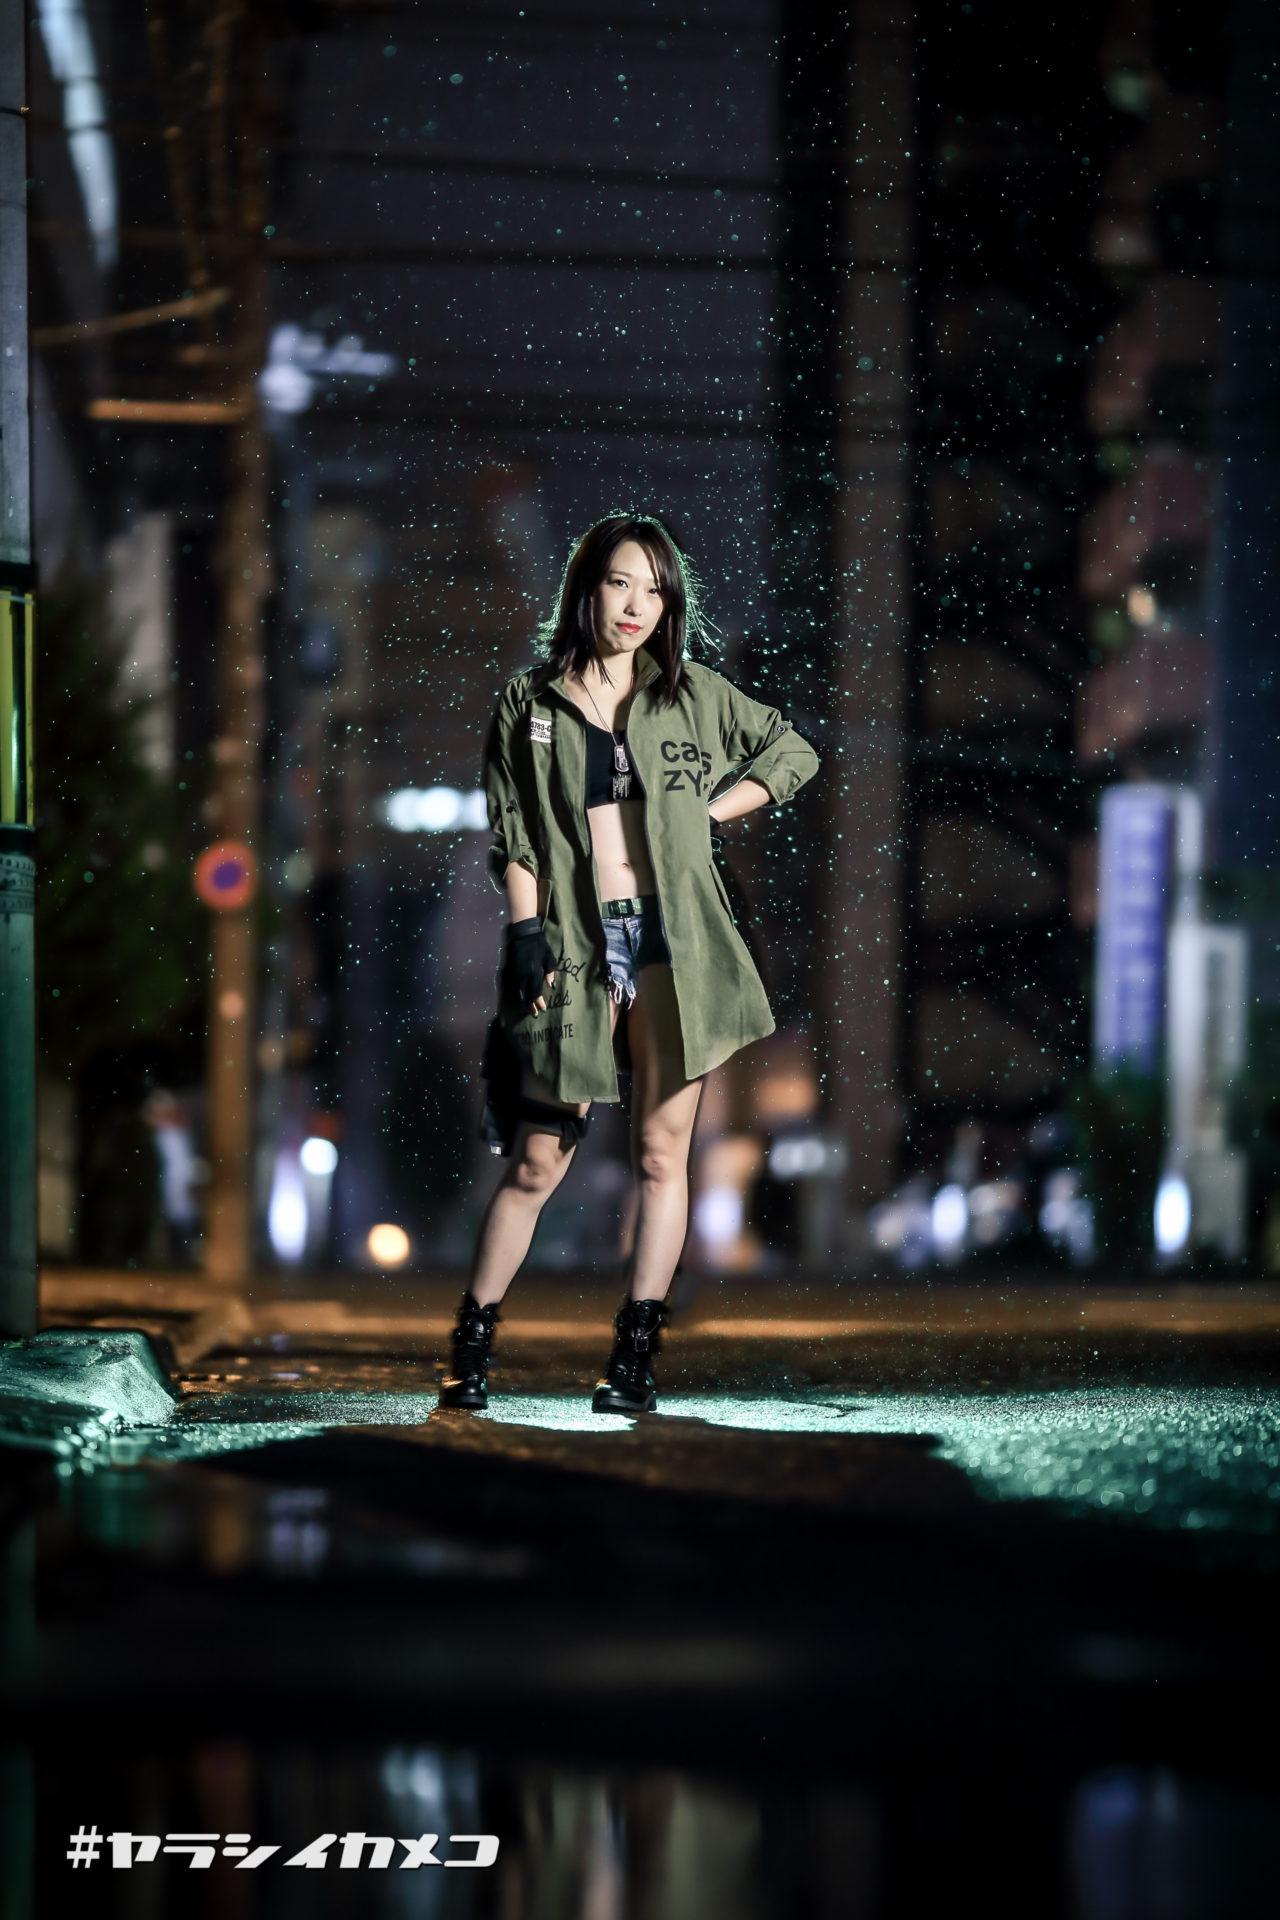 フルーティー♡ おばち ( 小原優花 ) | 個撮テーマ撮り